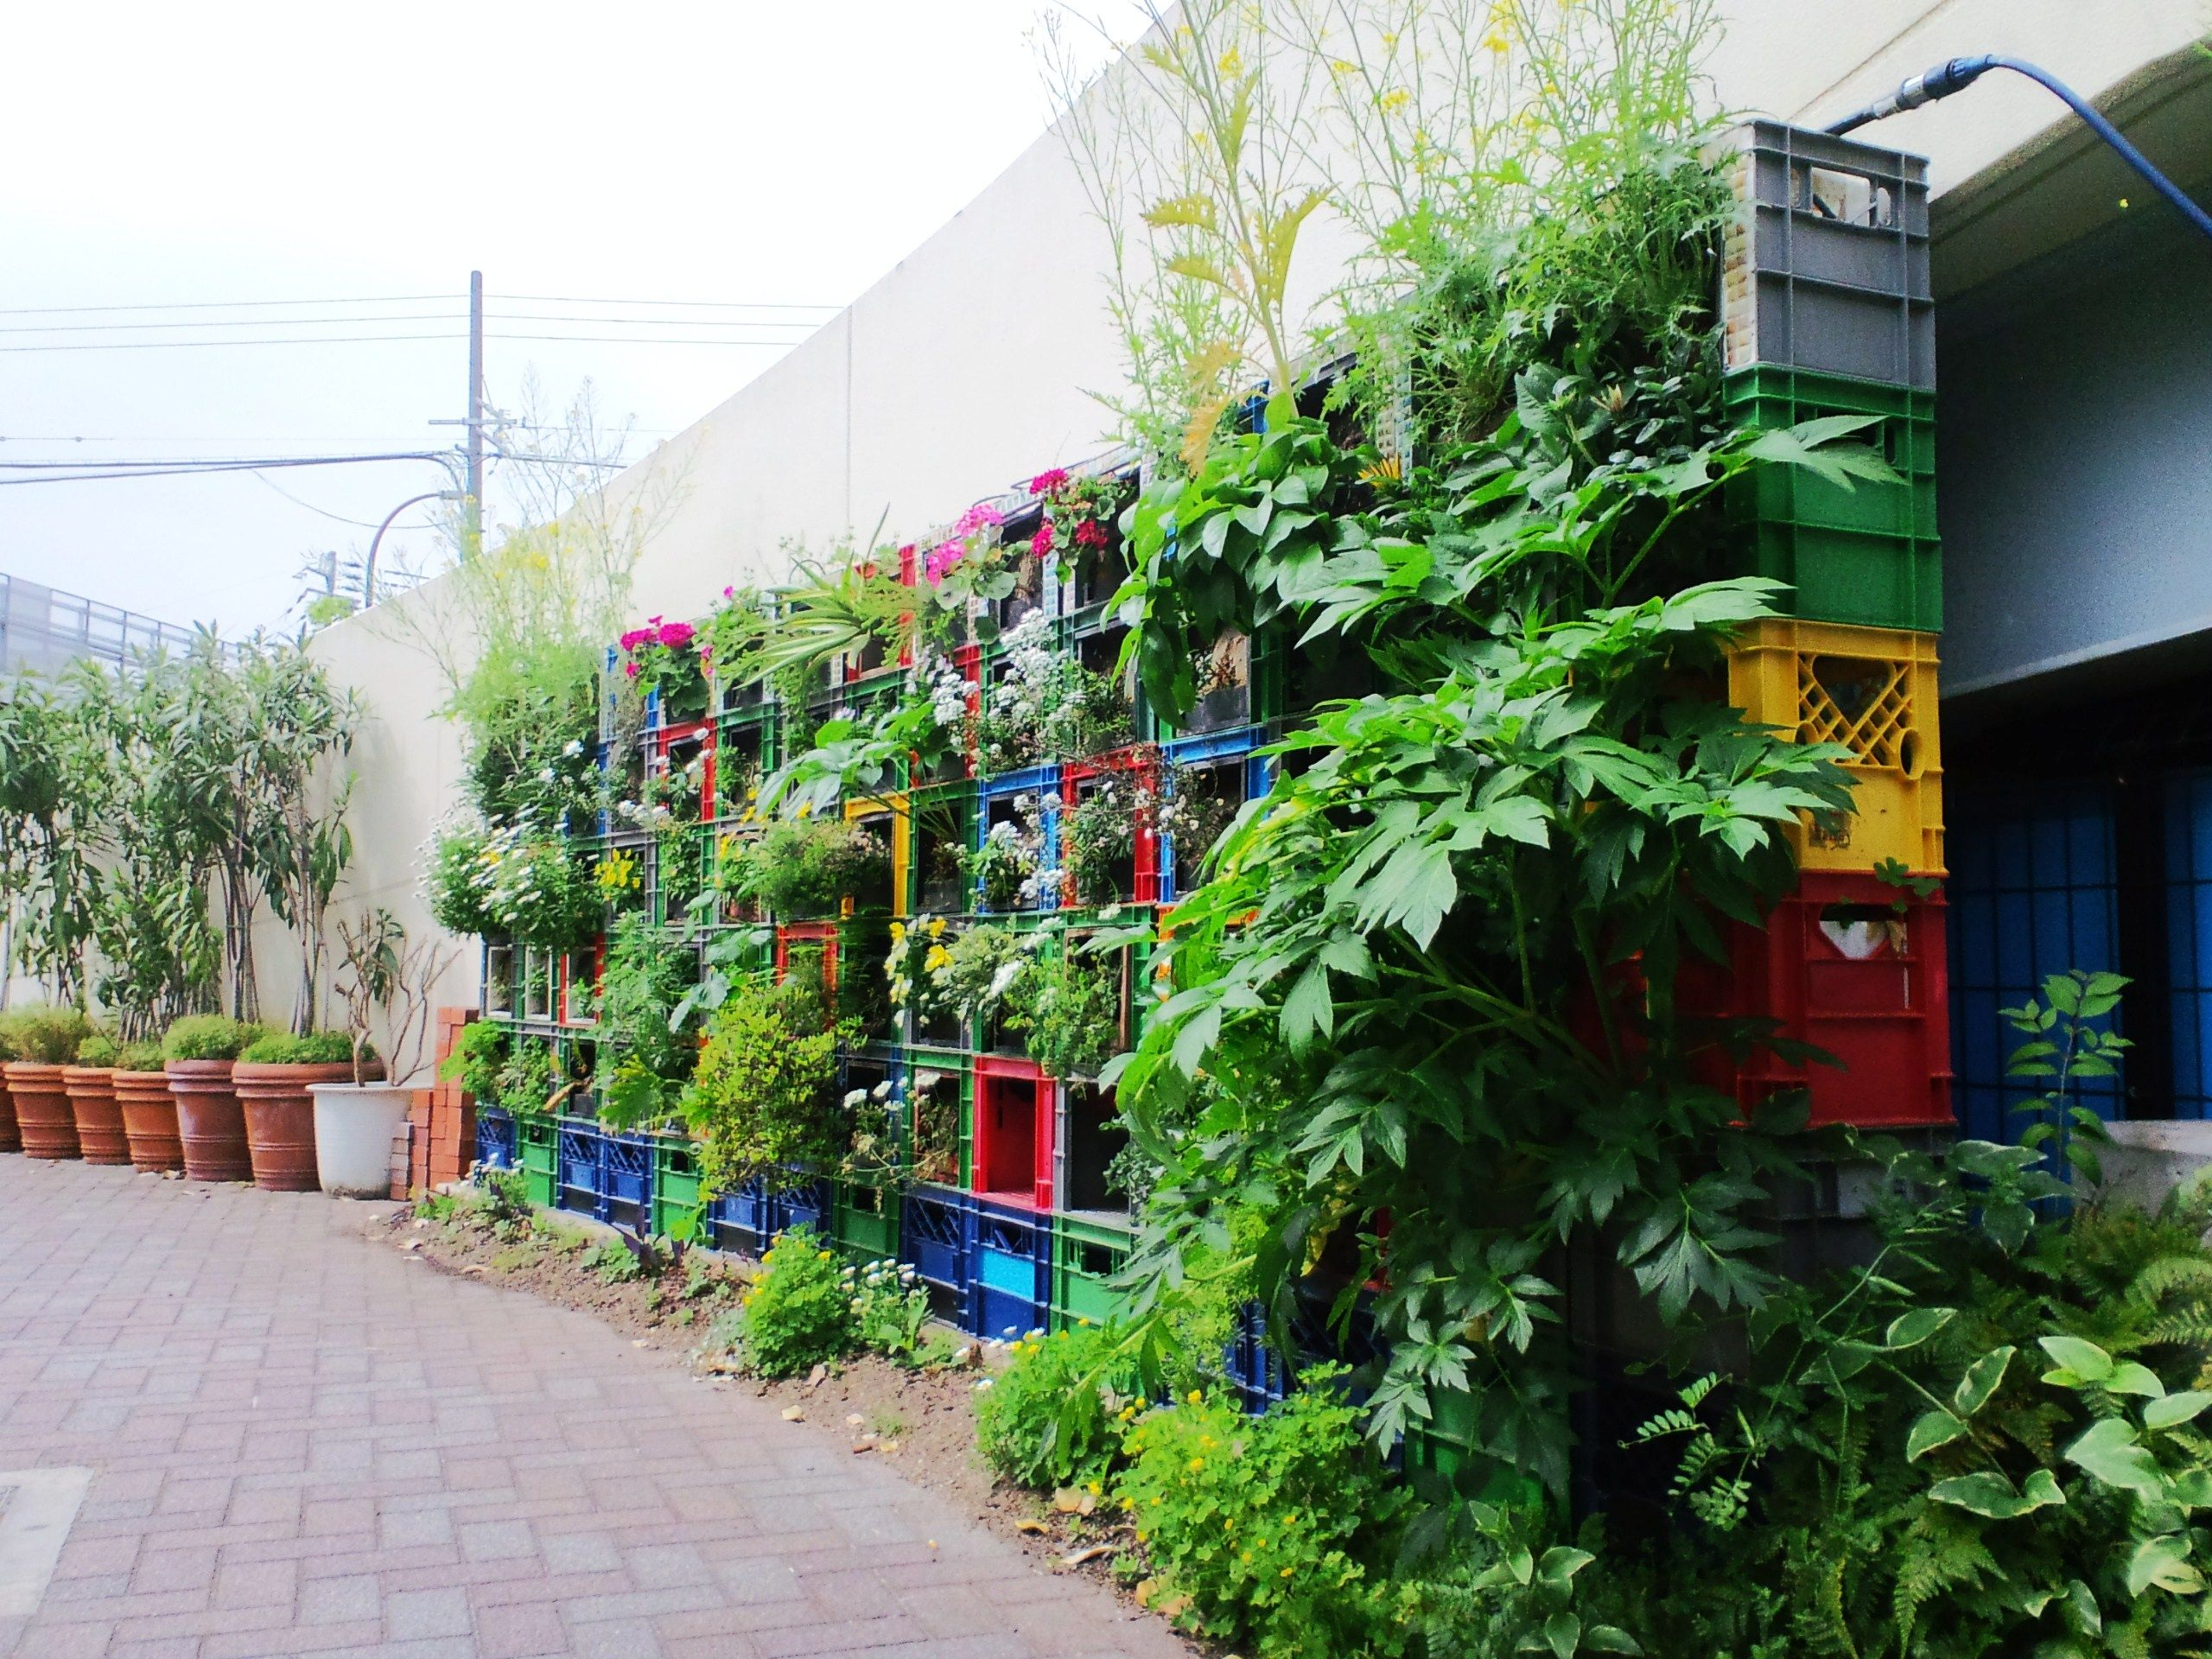 Milk crate vegetable vertical garden vegetable gardening for Vertical vegetable garden